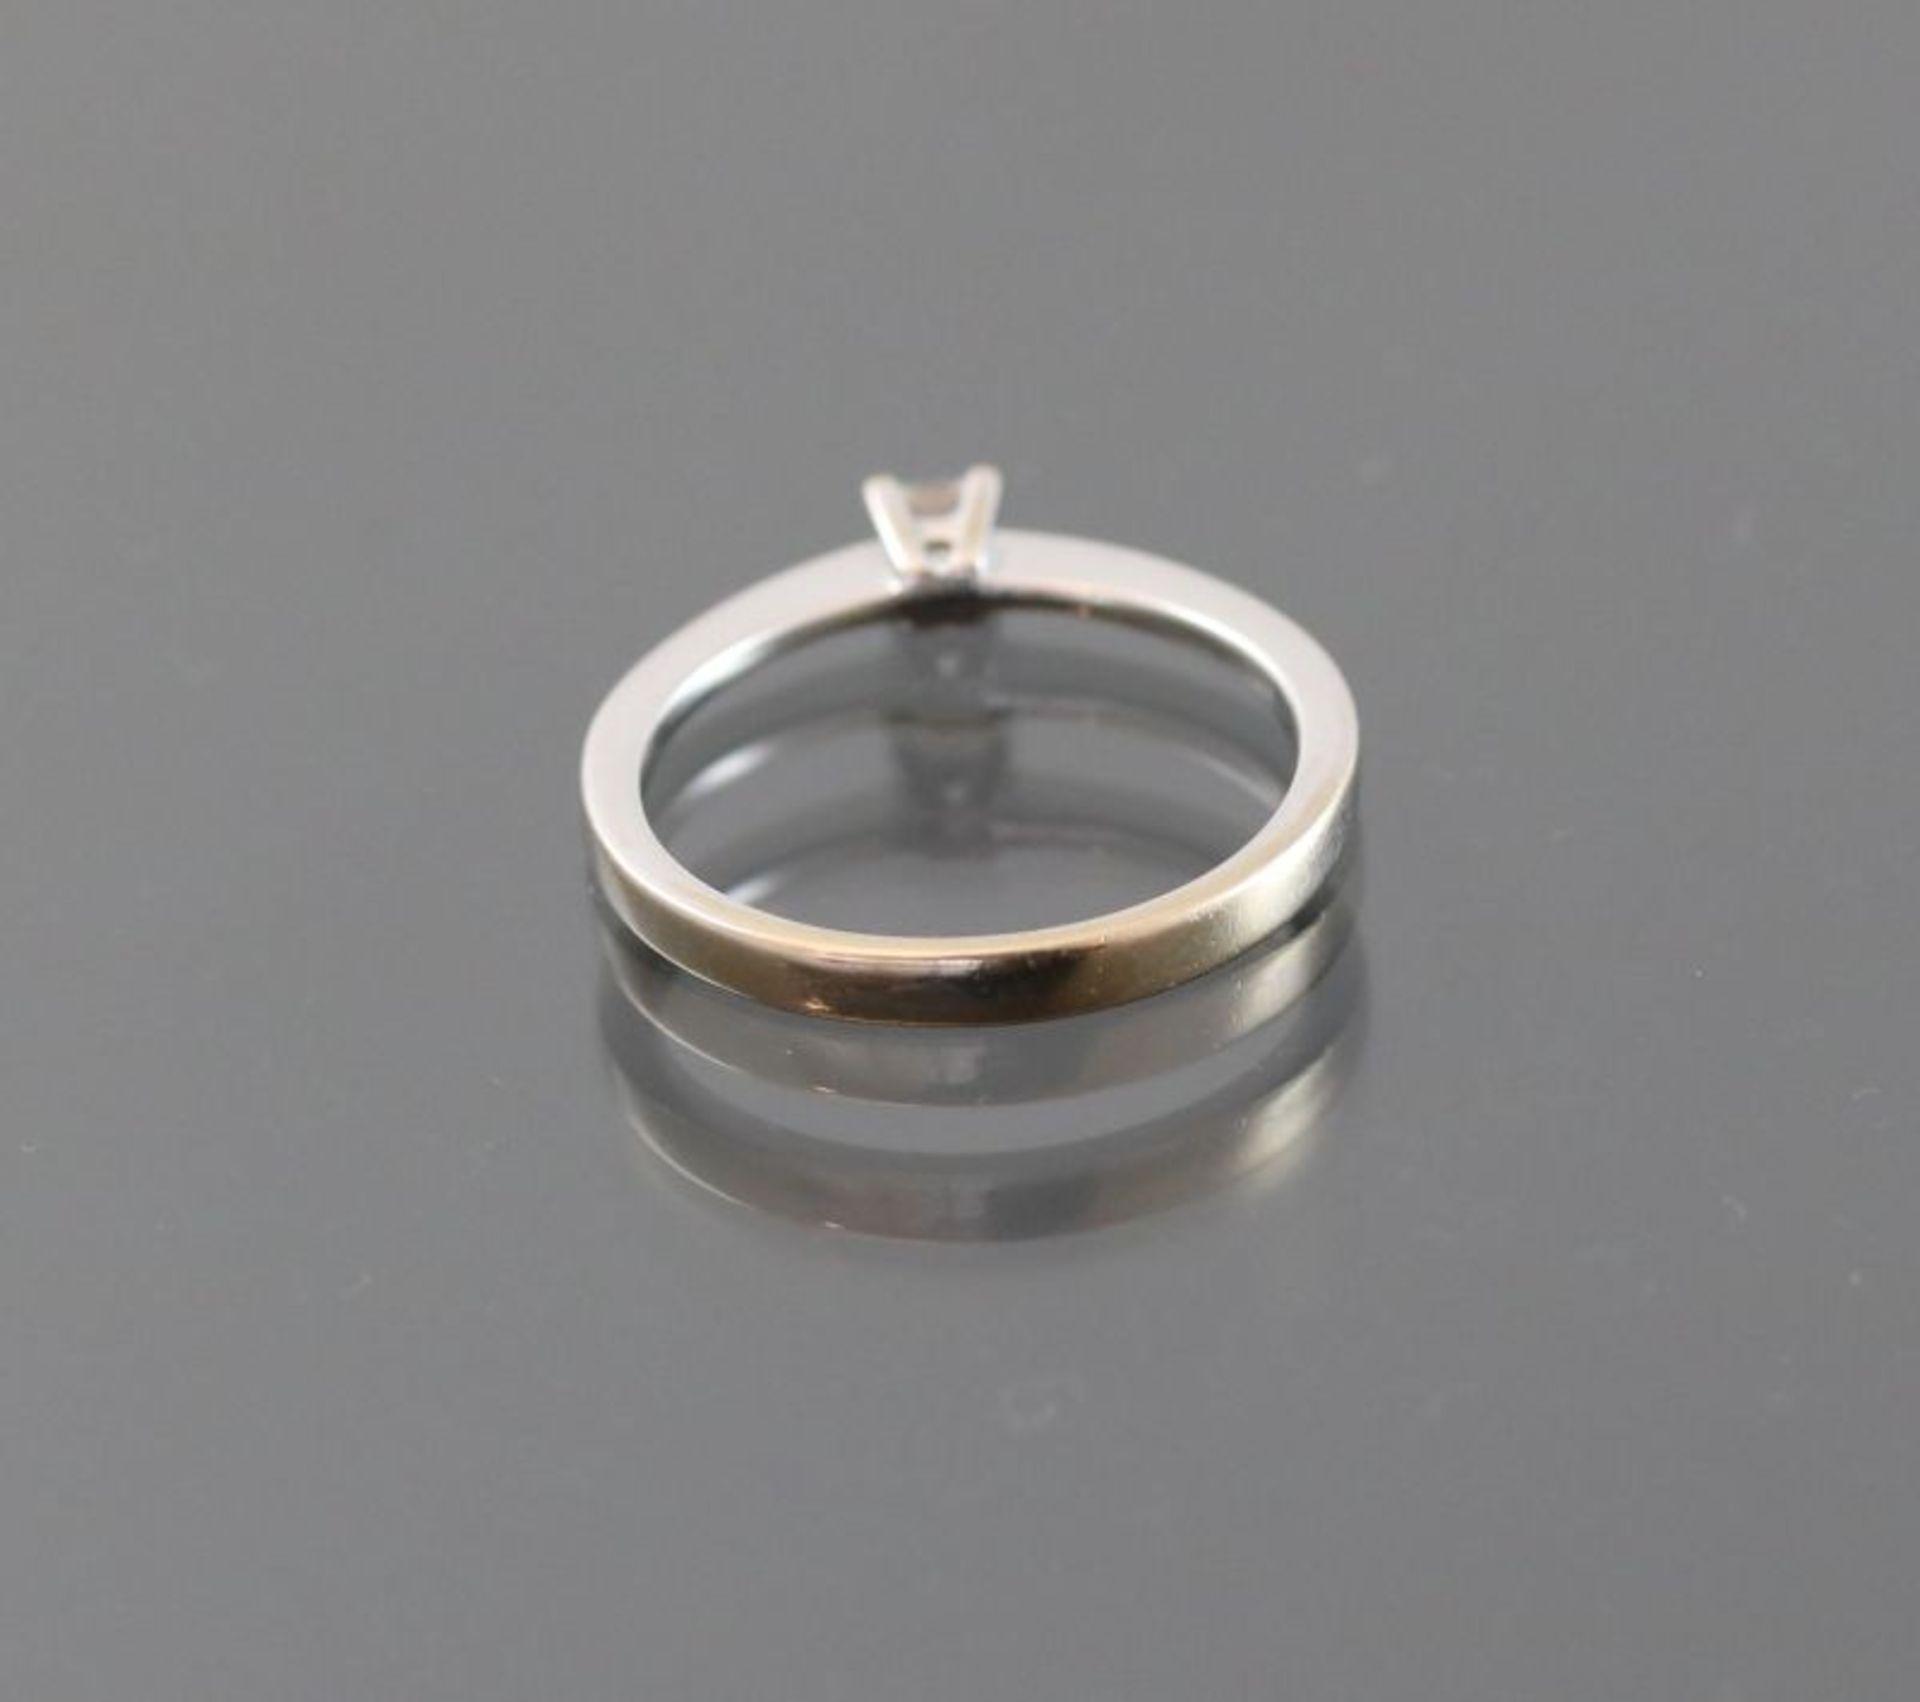 Diamant-Ring, 750 Weißgold2,5 Gramm 1 Diamantcarre, 0,15 ct., Ringgröße: 53,5Schätzpreis: 700,- - Bild 3 aus 3